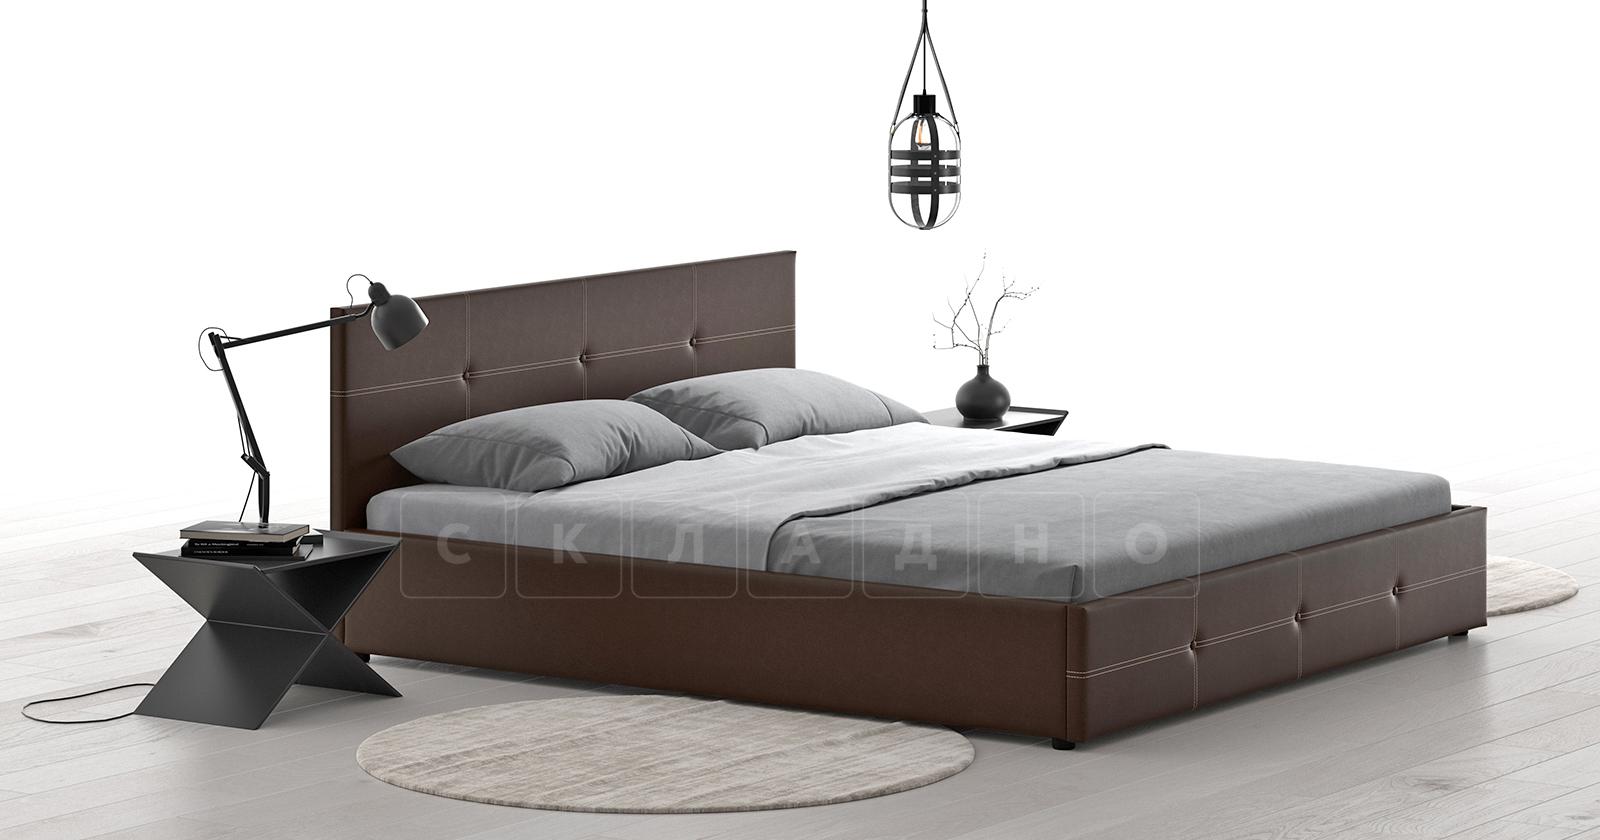 Мягкая кровать Синди 160 см шоколад без подъемного механизма фото 3 | интернет-магазин Складно